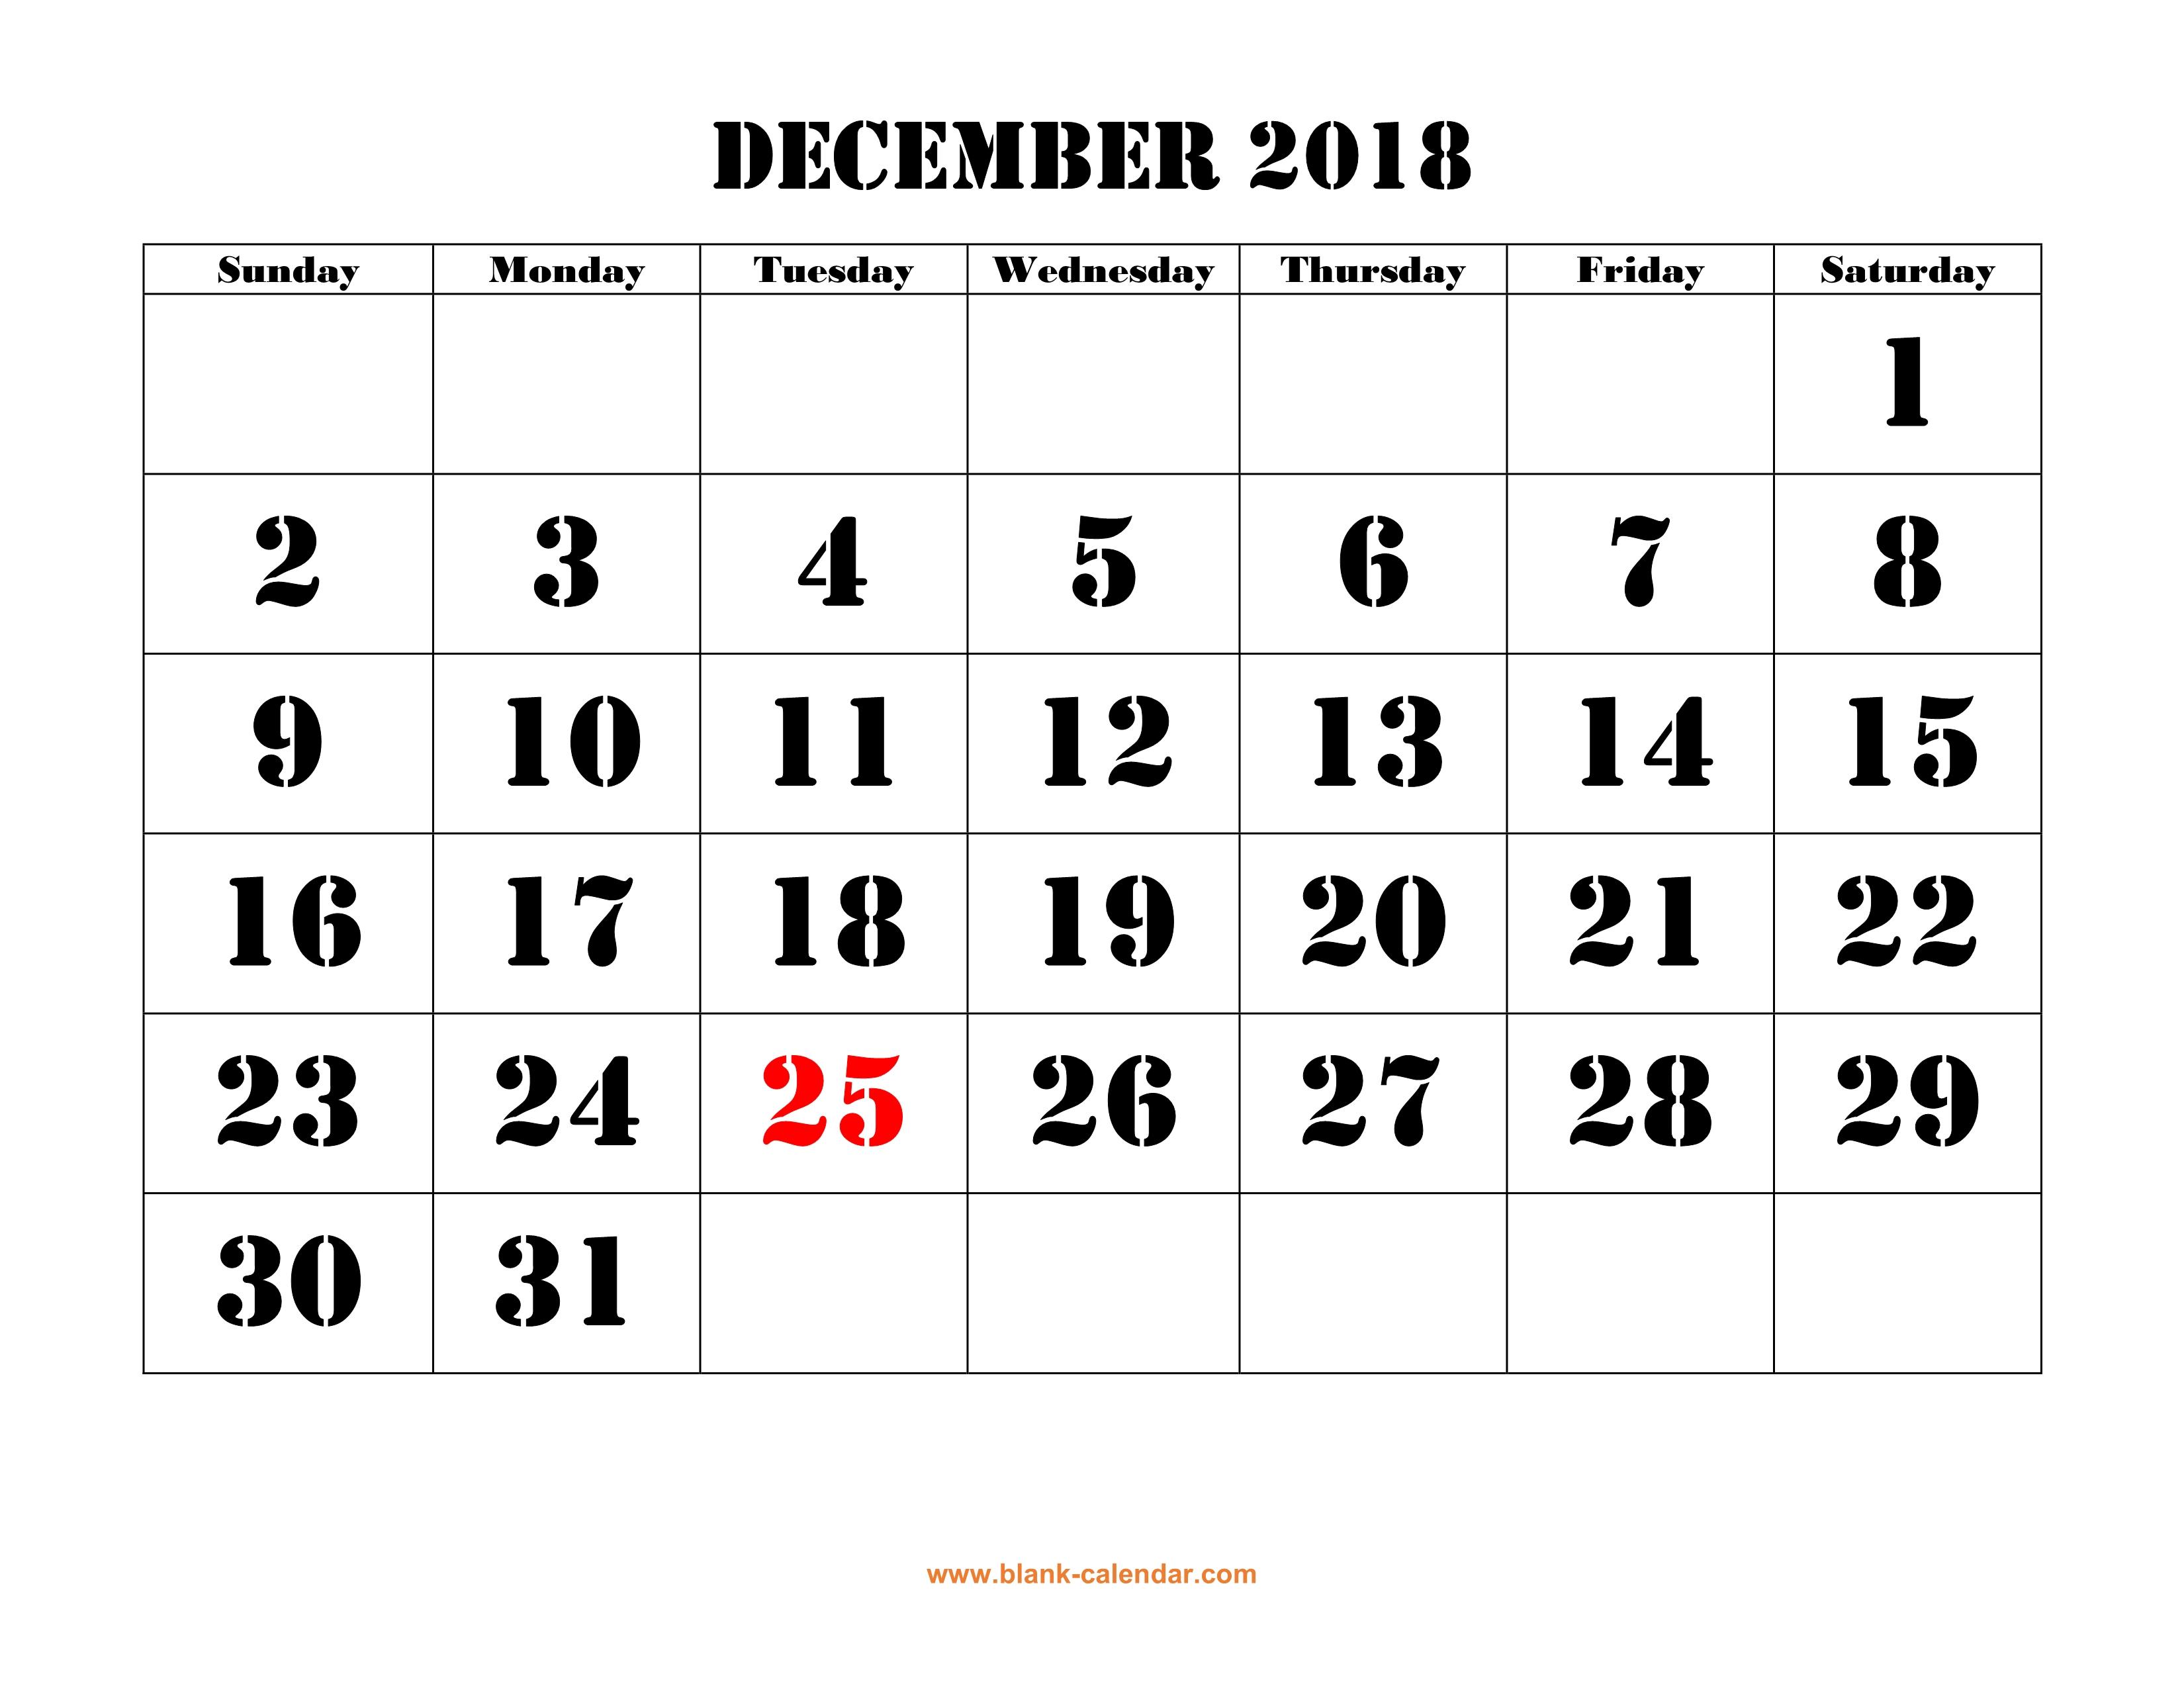 Free Download Printable December 2018 Calendar, Large Font Design within Blank Calendar For December